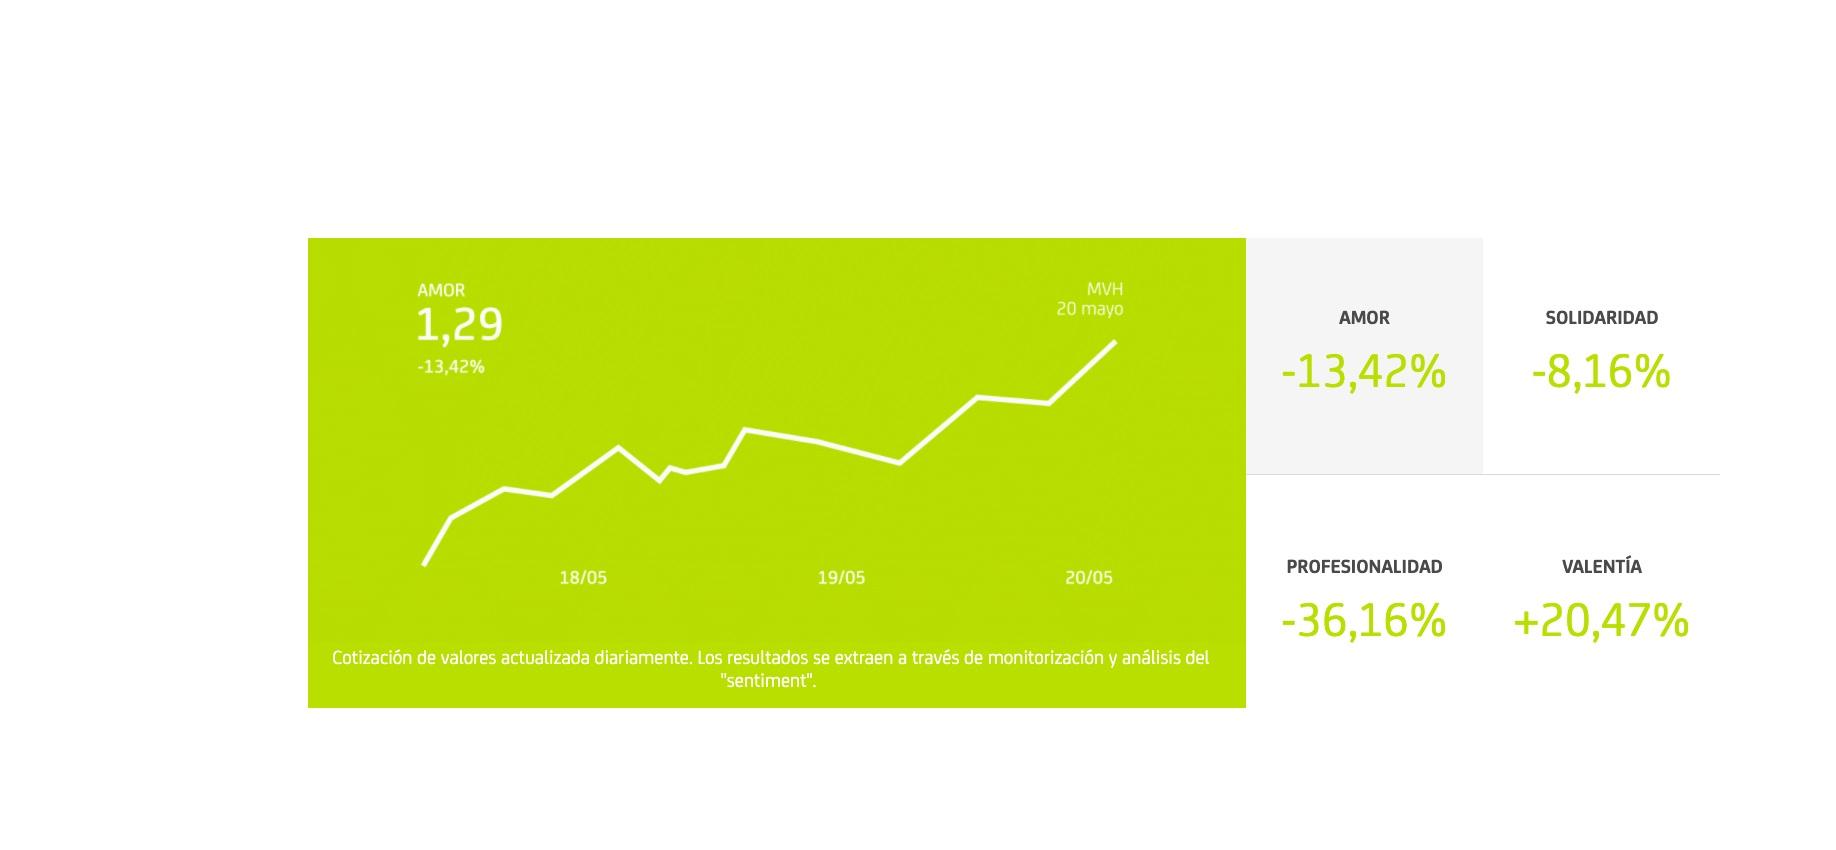 https://www.programapublicidad.com/wp-content/uploads/2020/05/Bankia-campaña-Mercado-Valores-Humanos-datos-programapublicidad.jpg